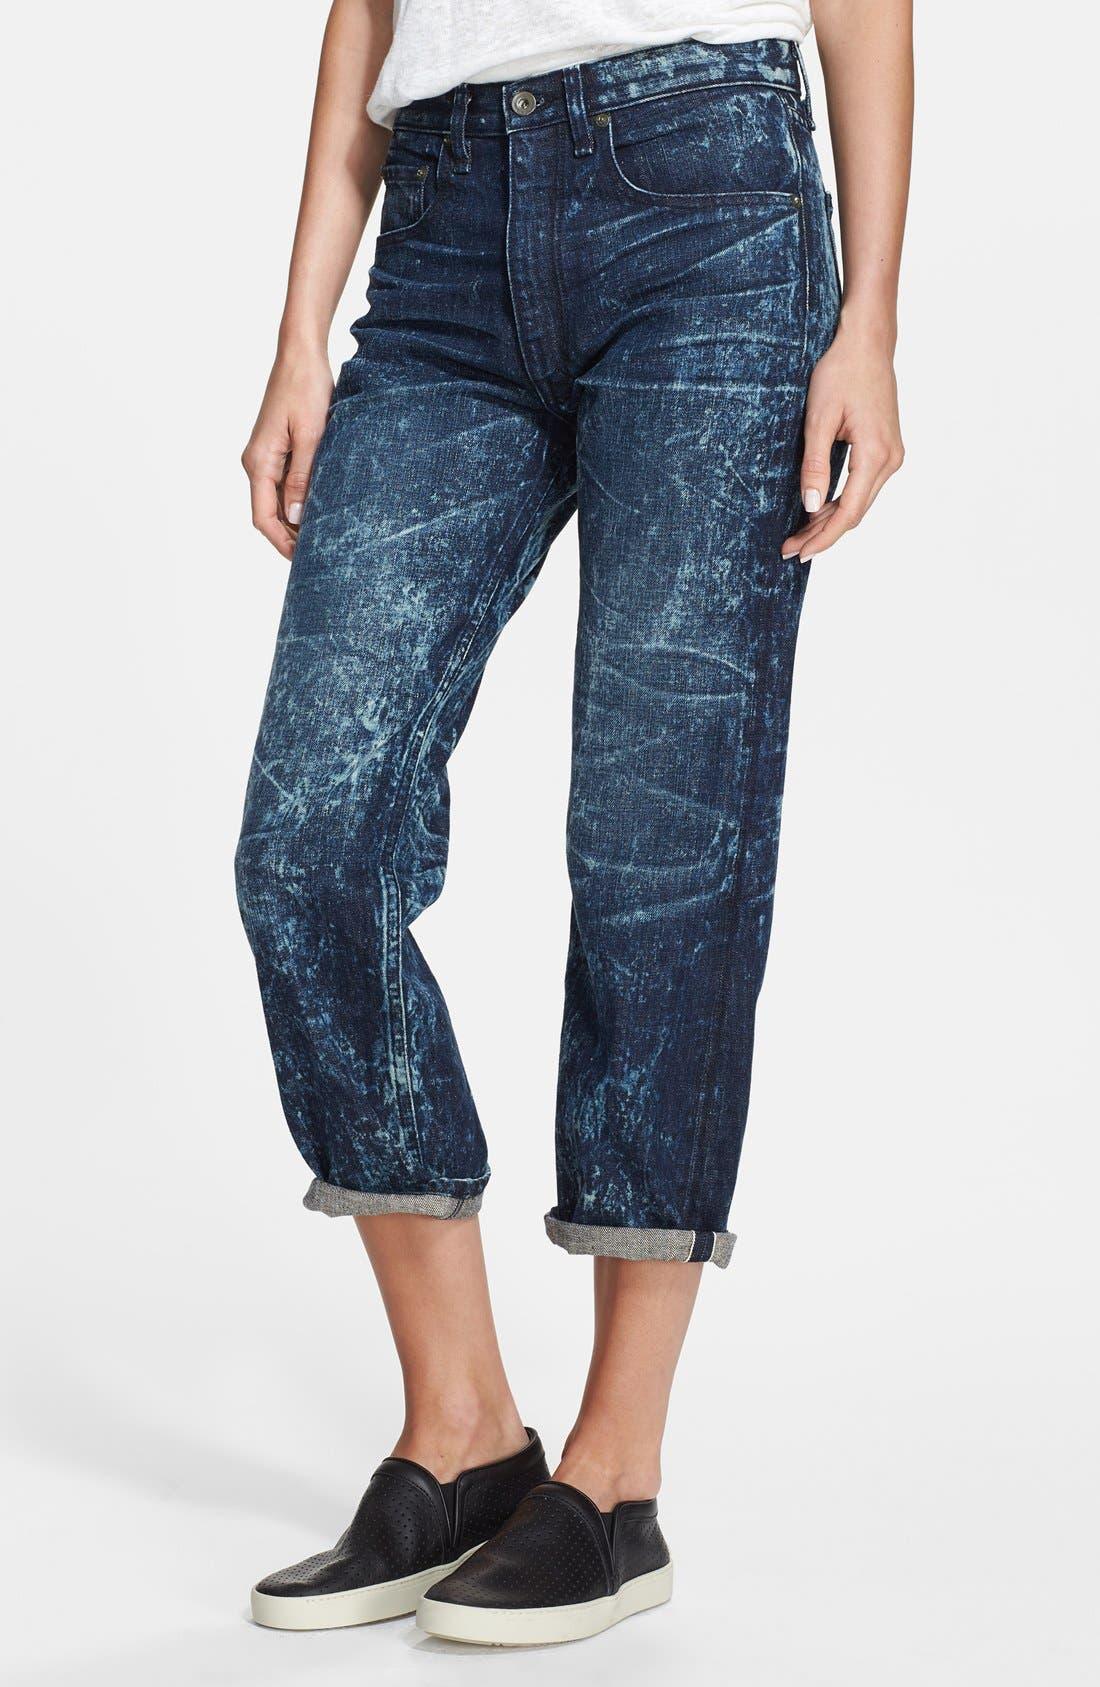 Alternate Image 1 Selected - rag & bone/JEAN 'Marilyn' Crop Jeans (Acid)